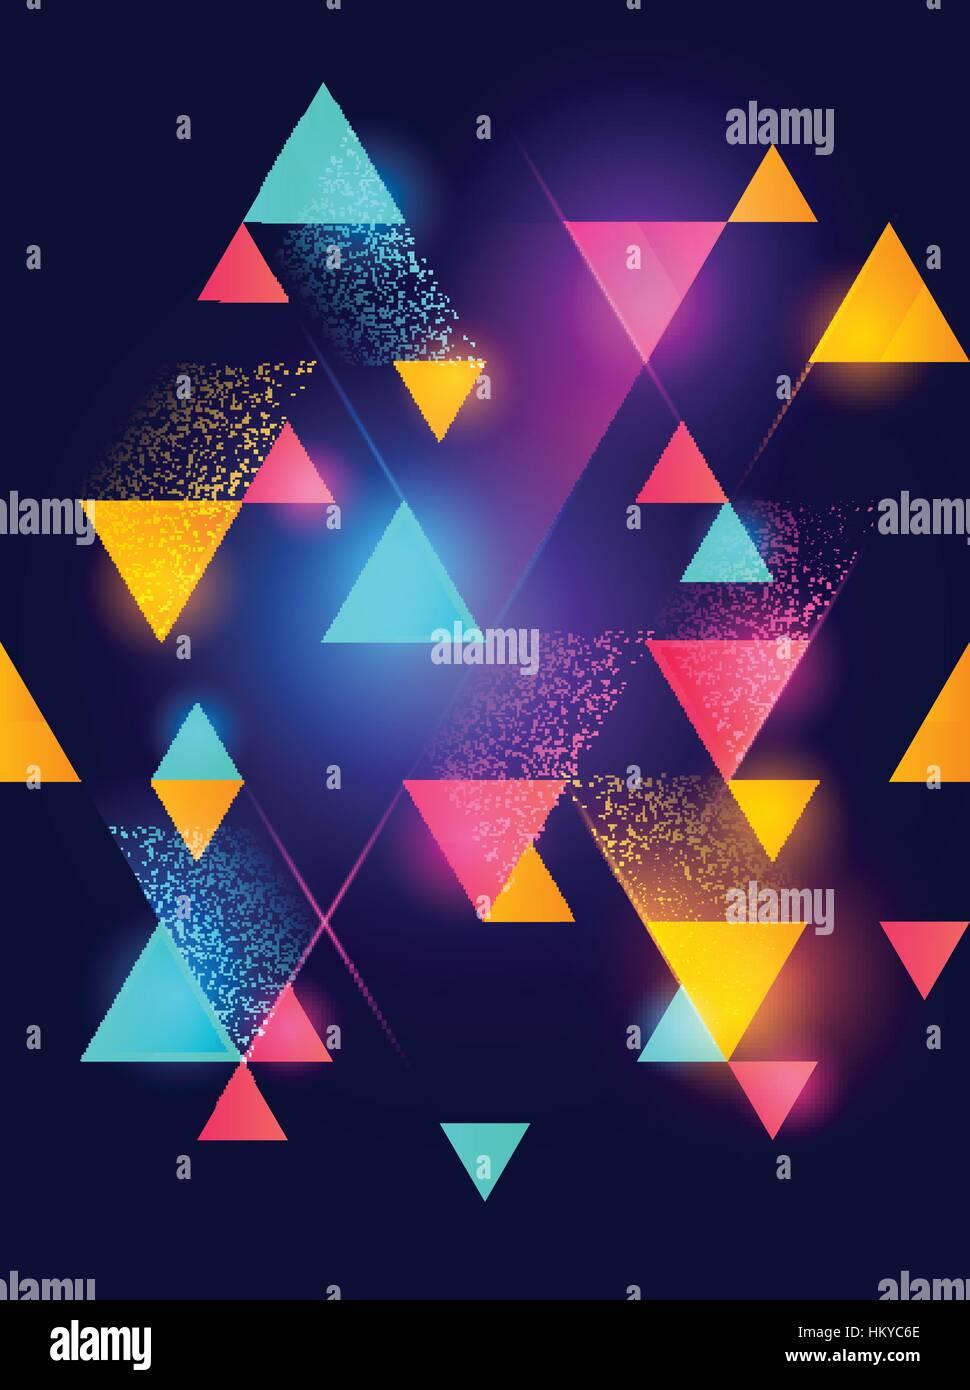 Neon incandescente modello geometrico dello sfondo. Illustrazione Vettoriale. Immagini Stock